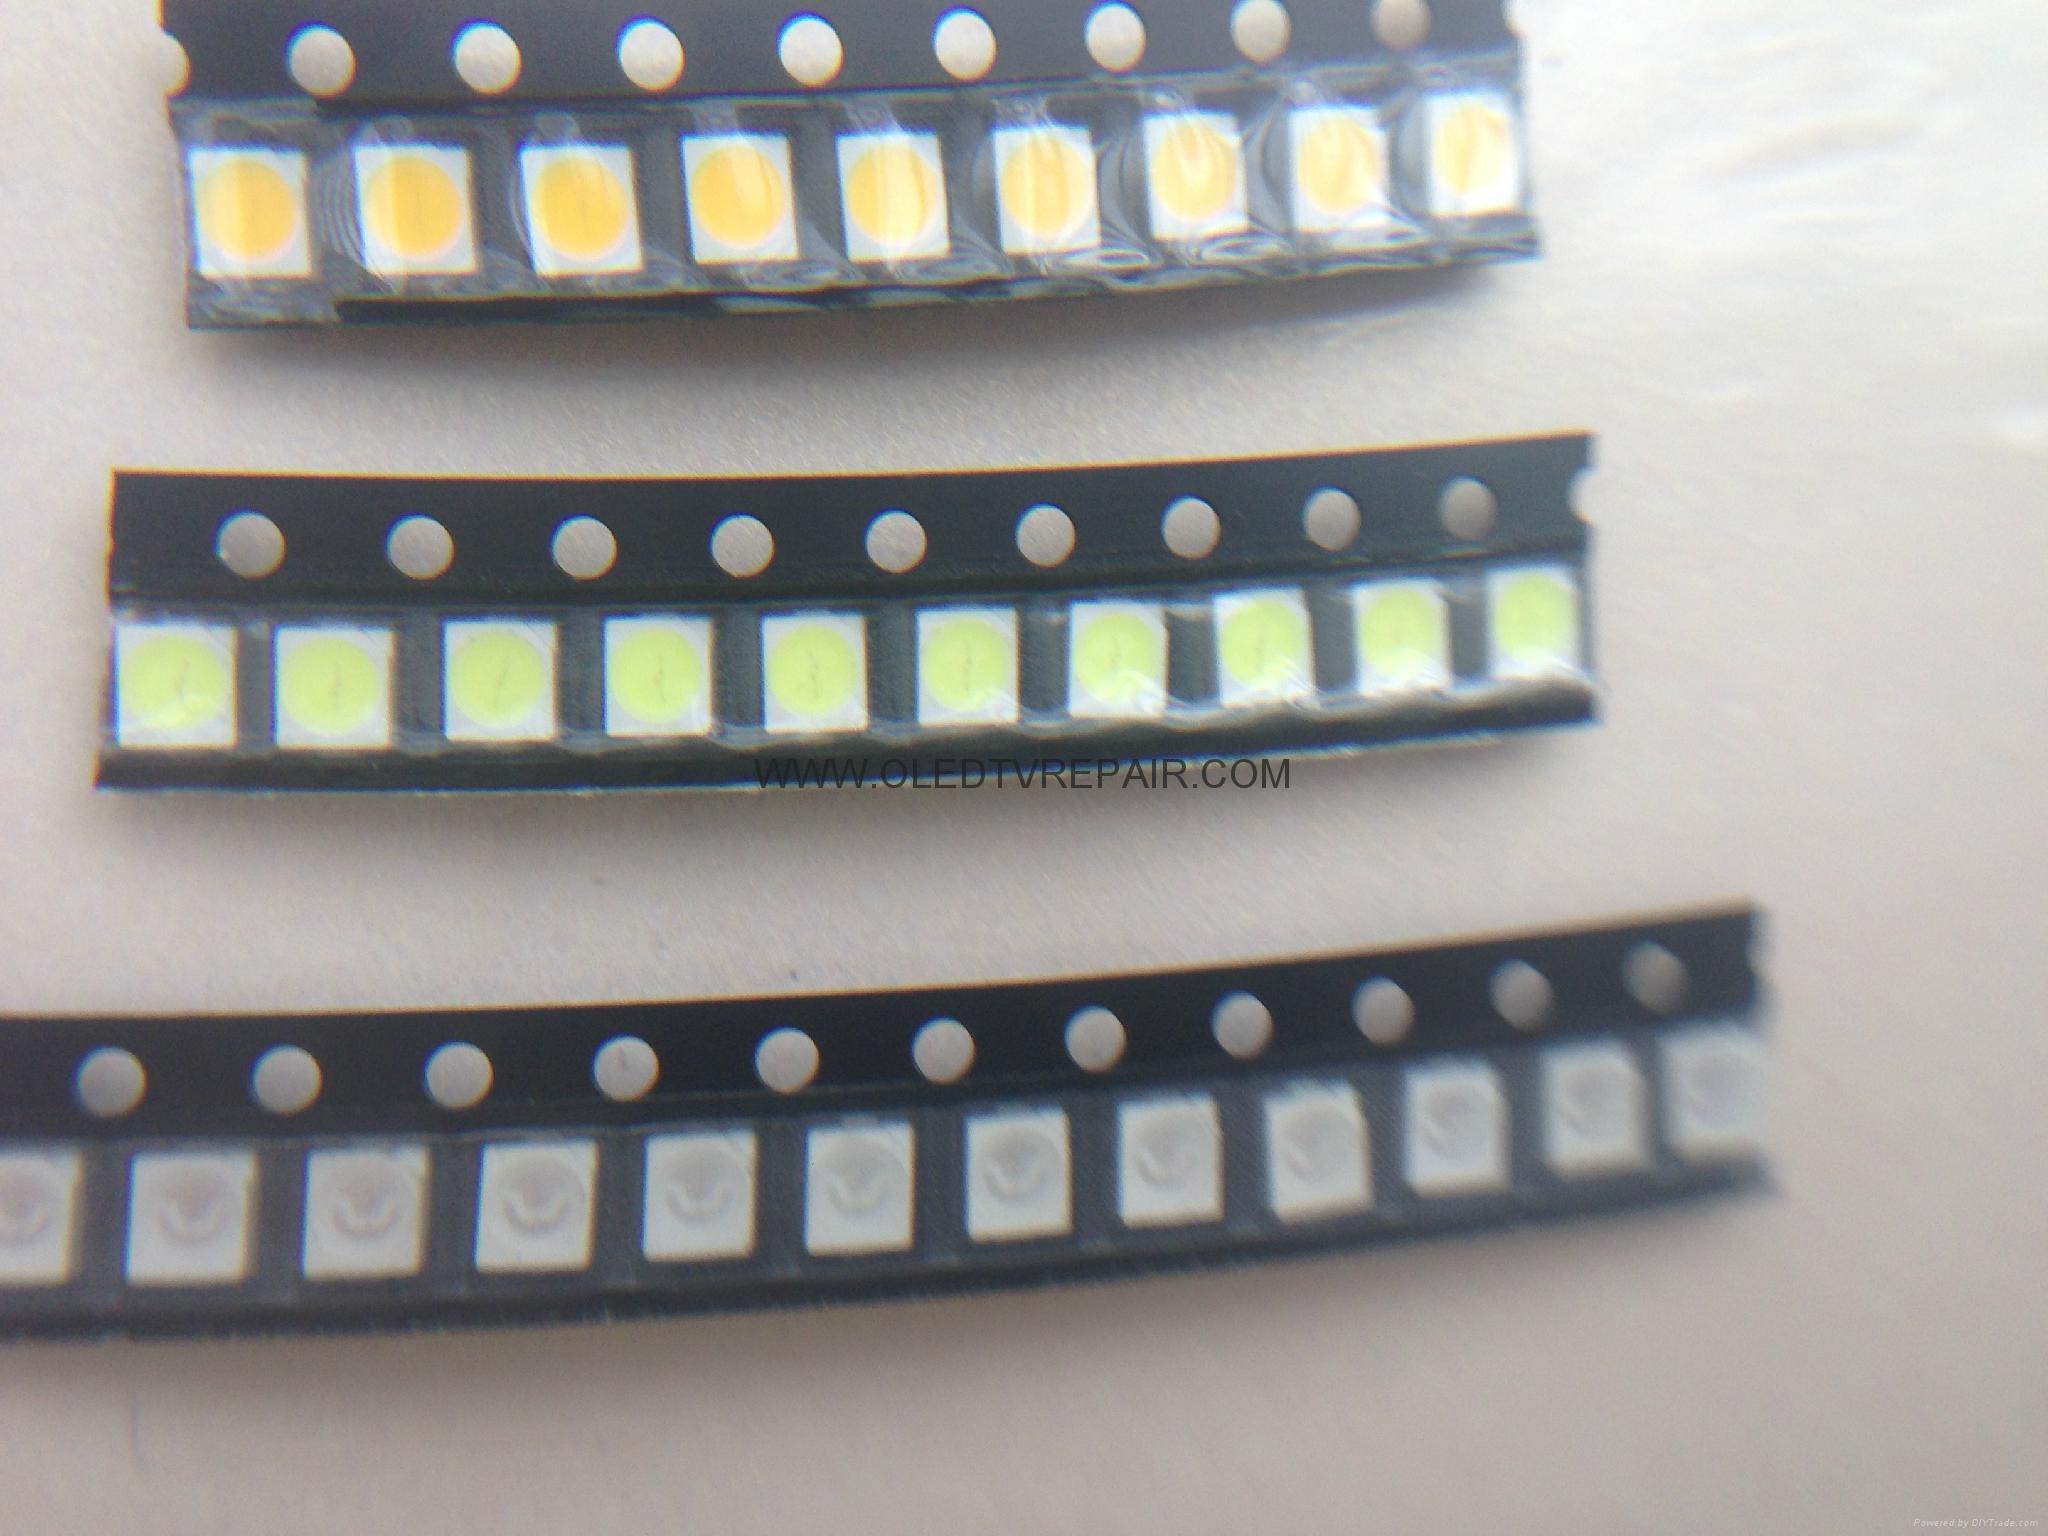 專業生產貼片LED燈 0402 0603 0805 1206  3014 4014 3020 2835 3528 505 1